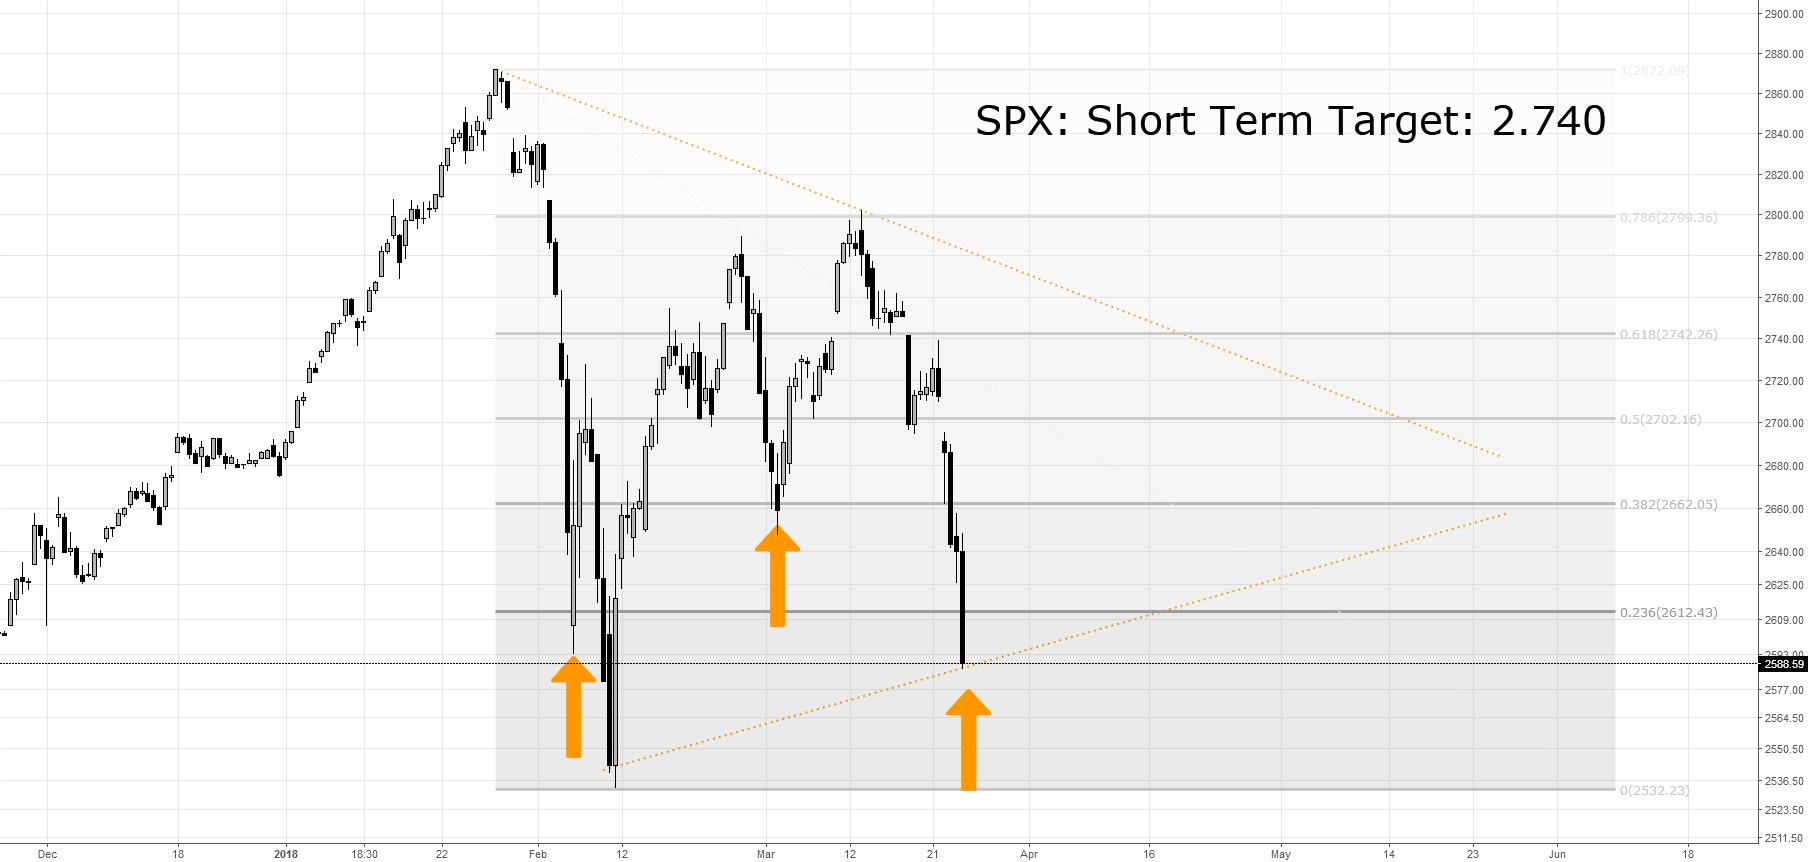 SPX: Short Term Long Target 2.740